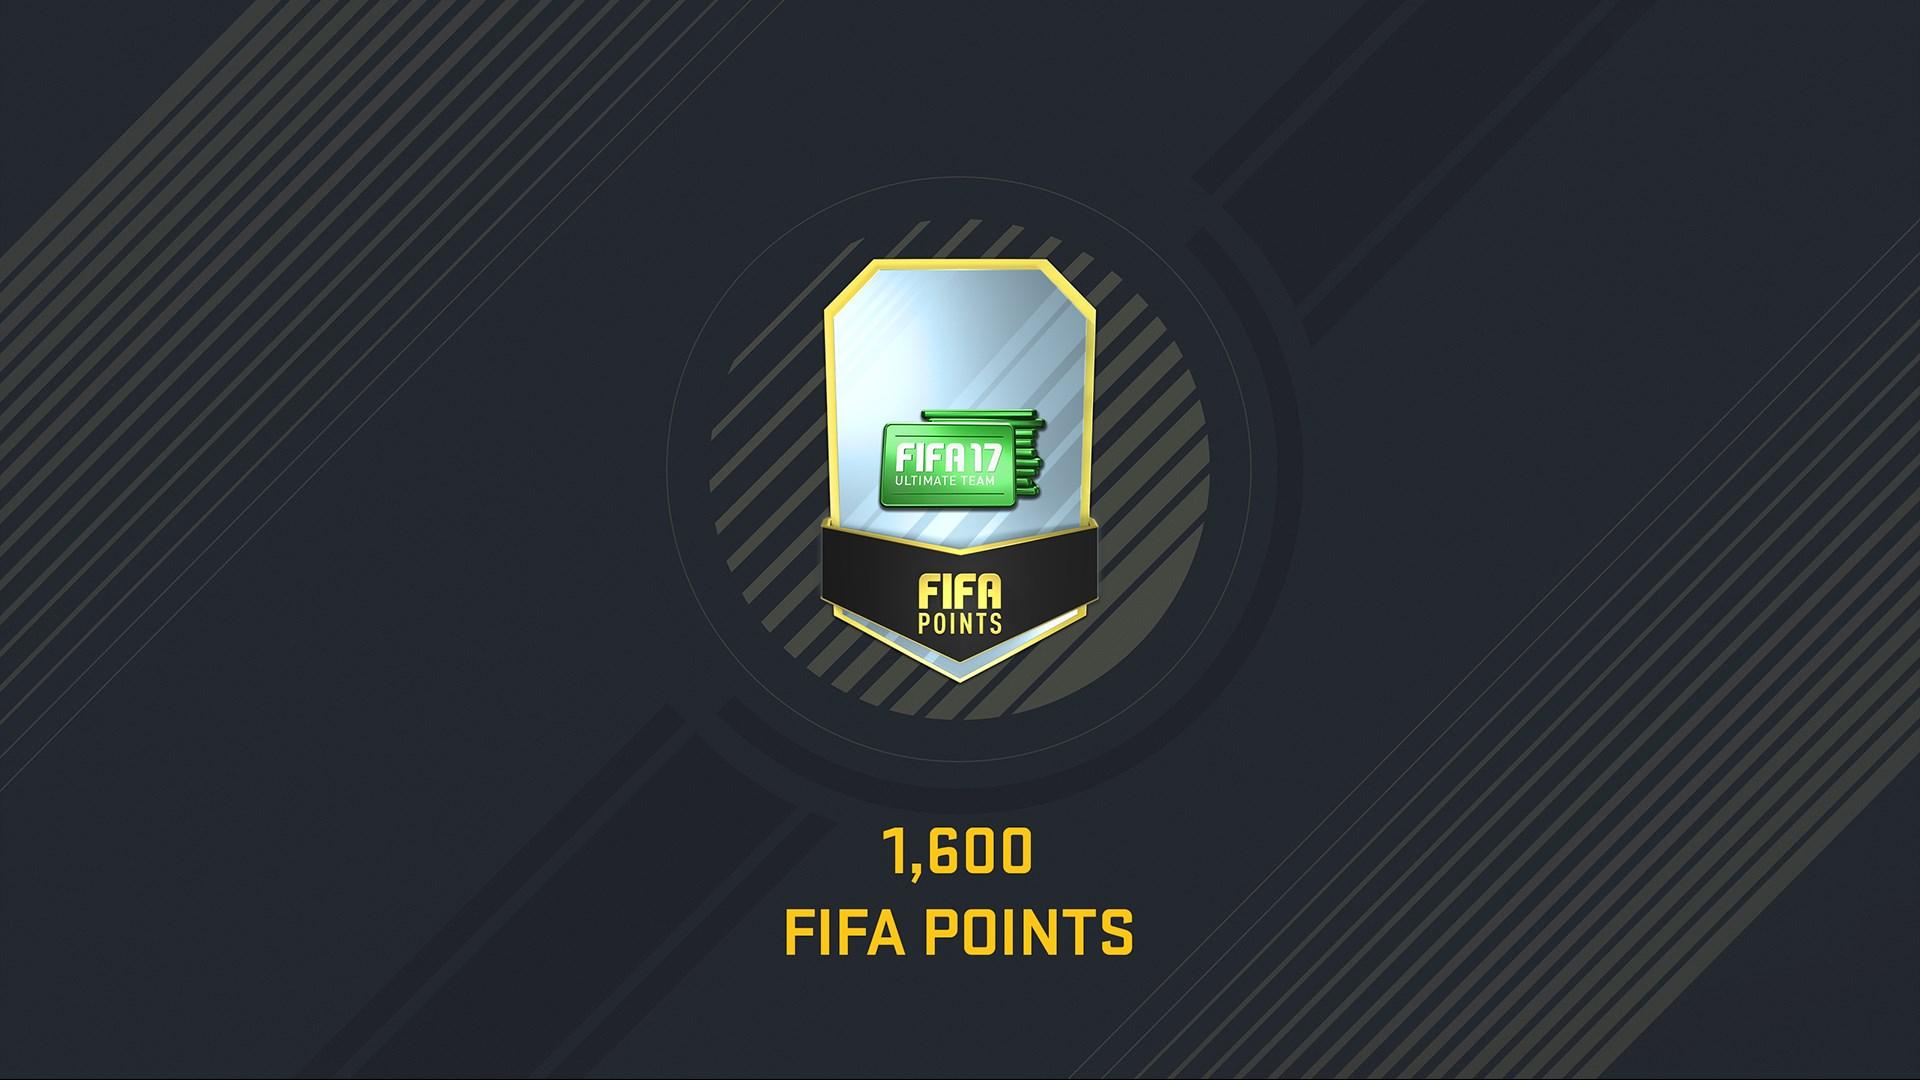 Pacote de 1.600 FIFA 17 Points